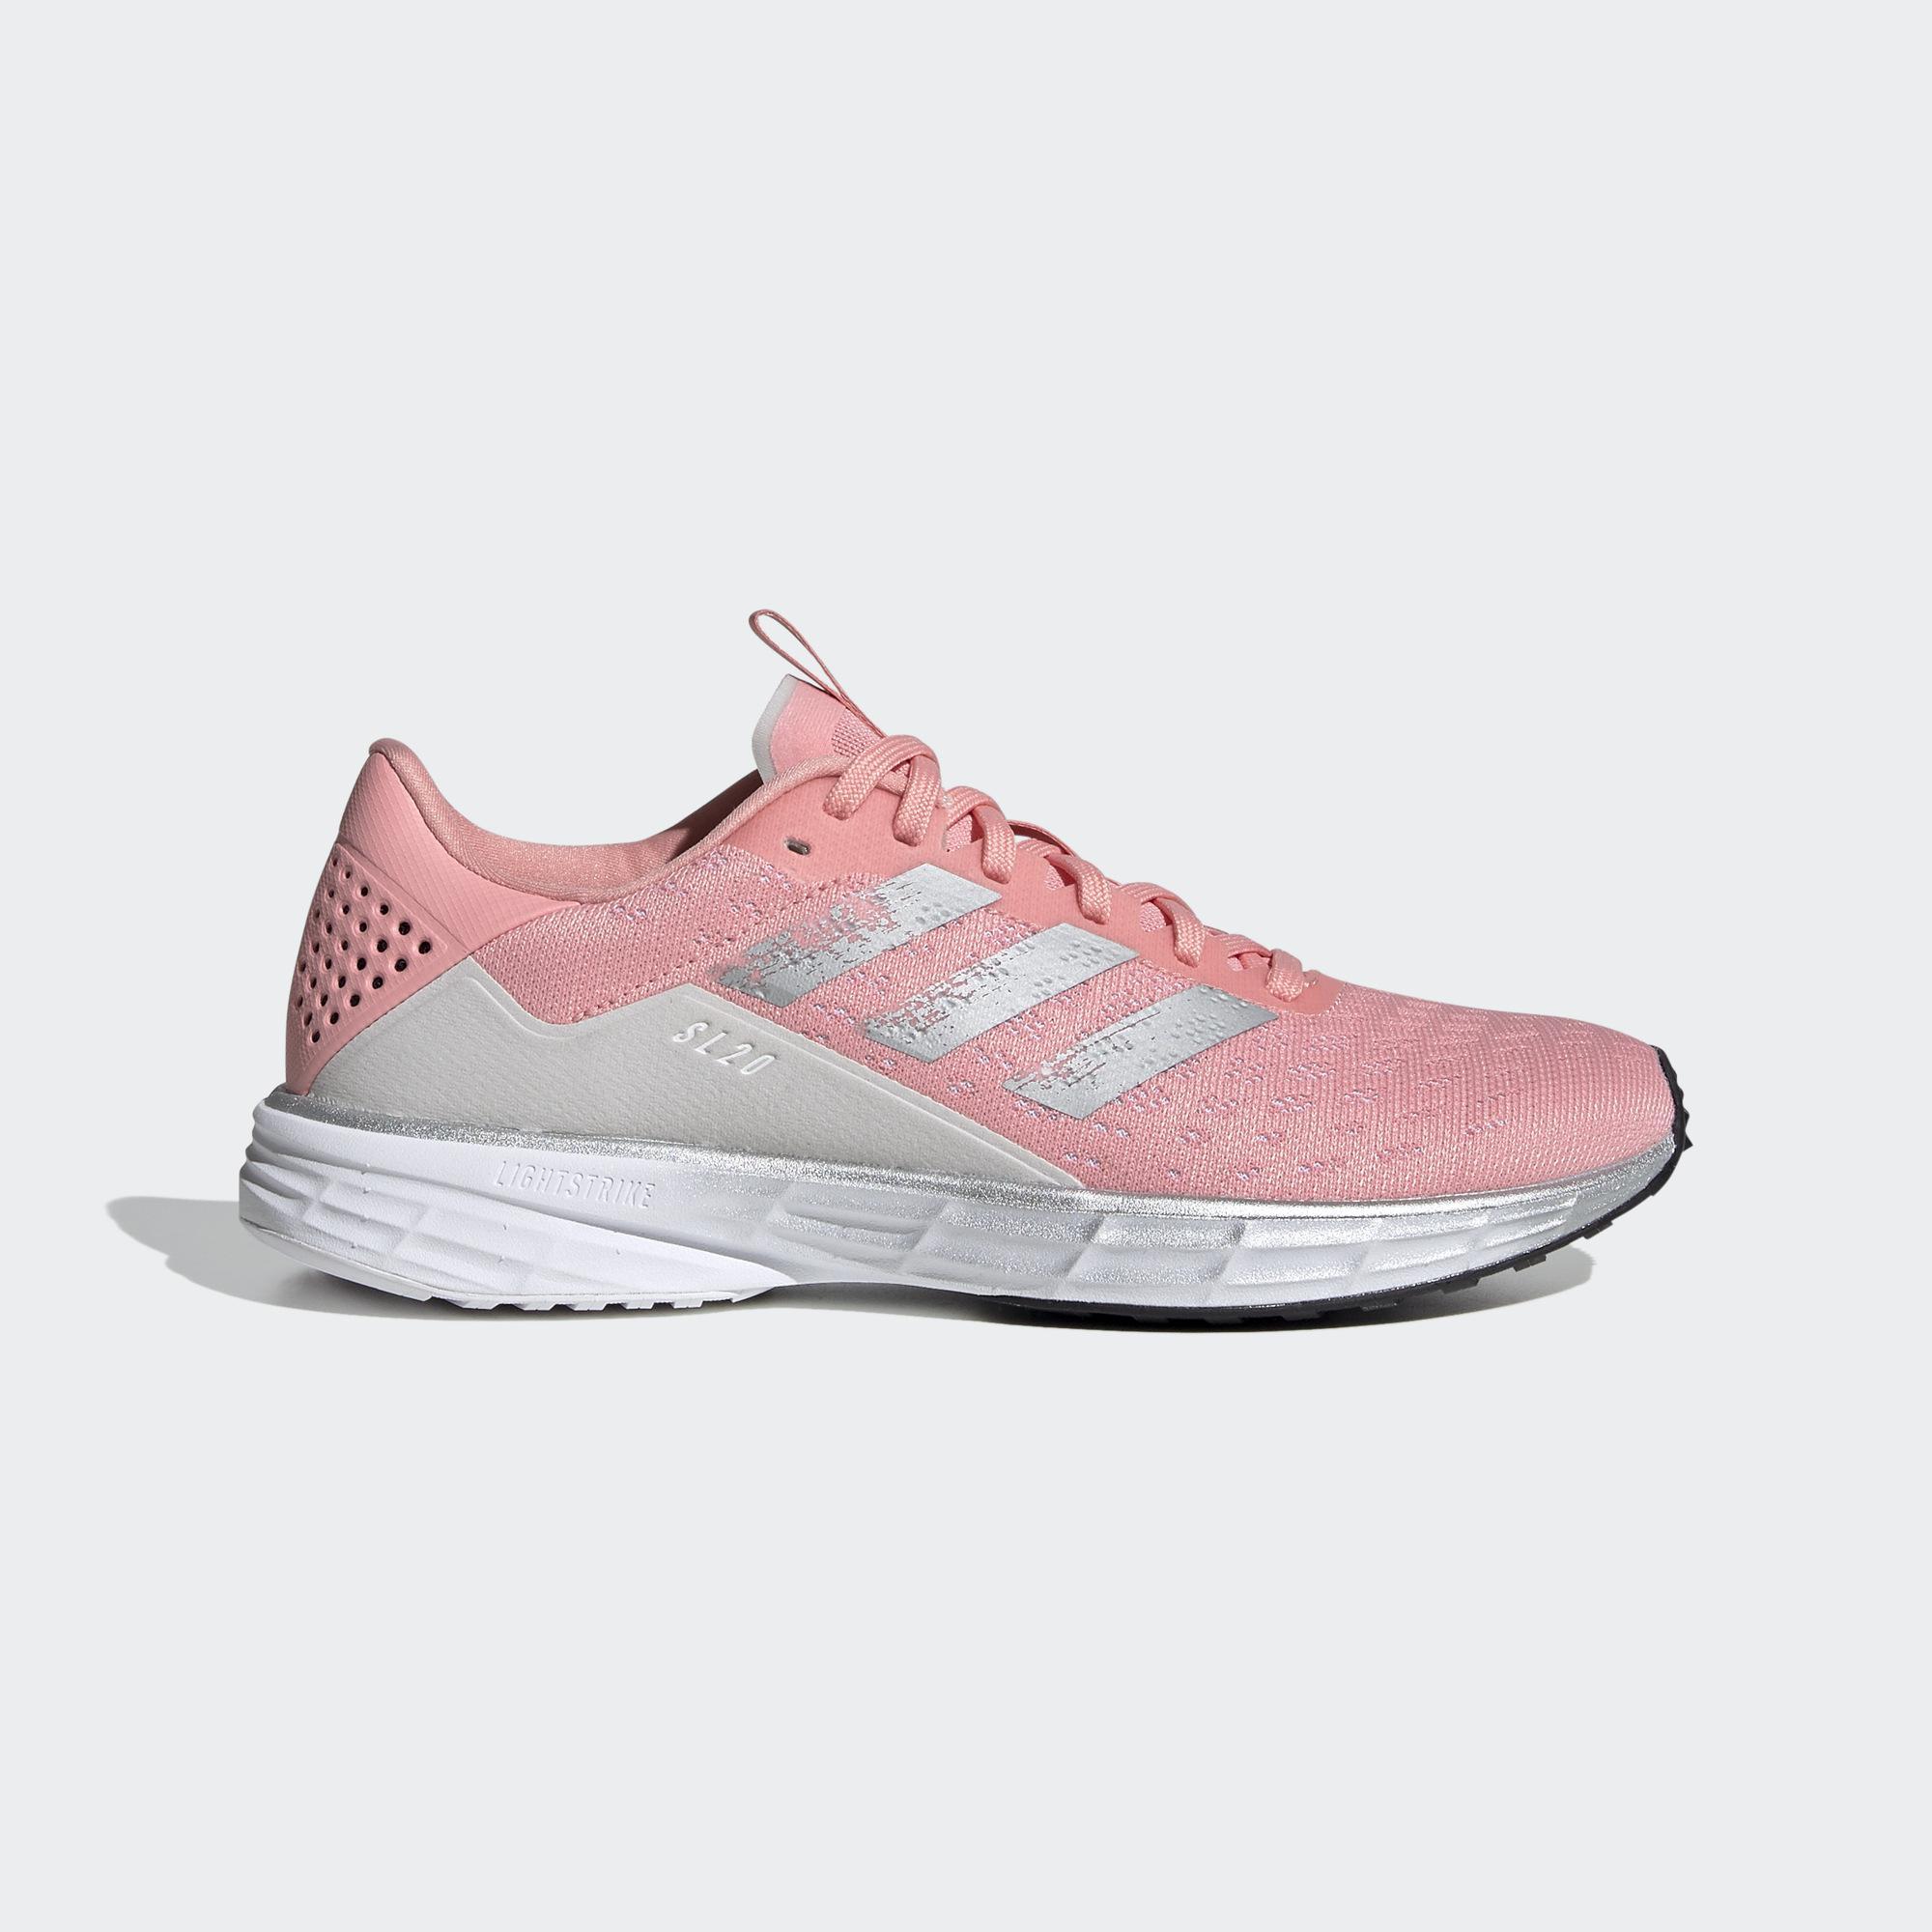 SL20 跑鞋